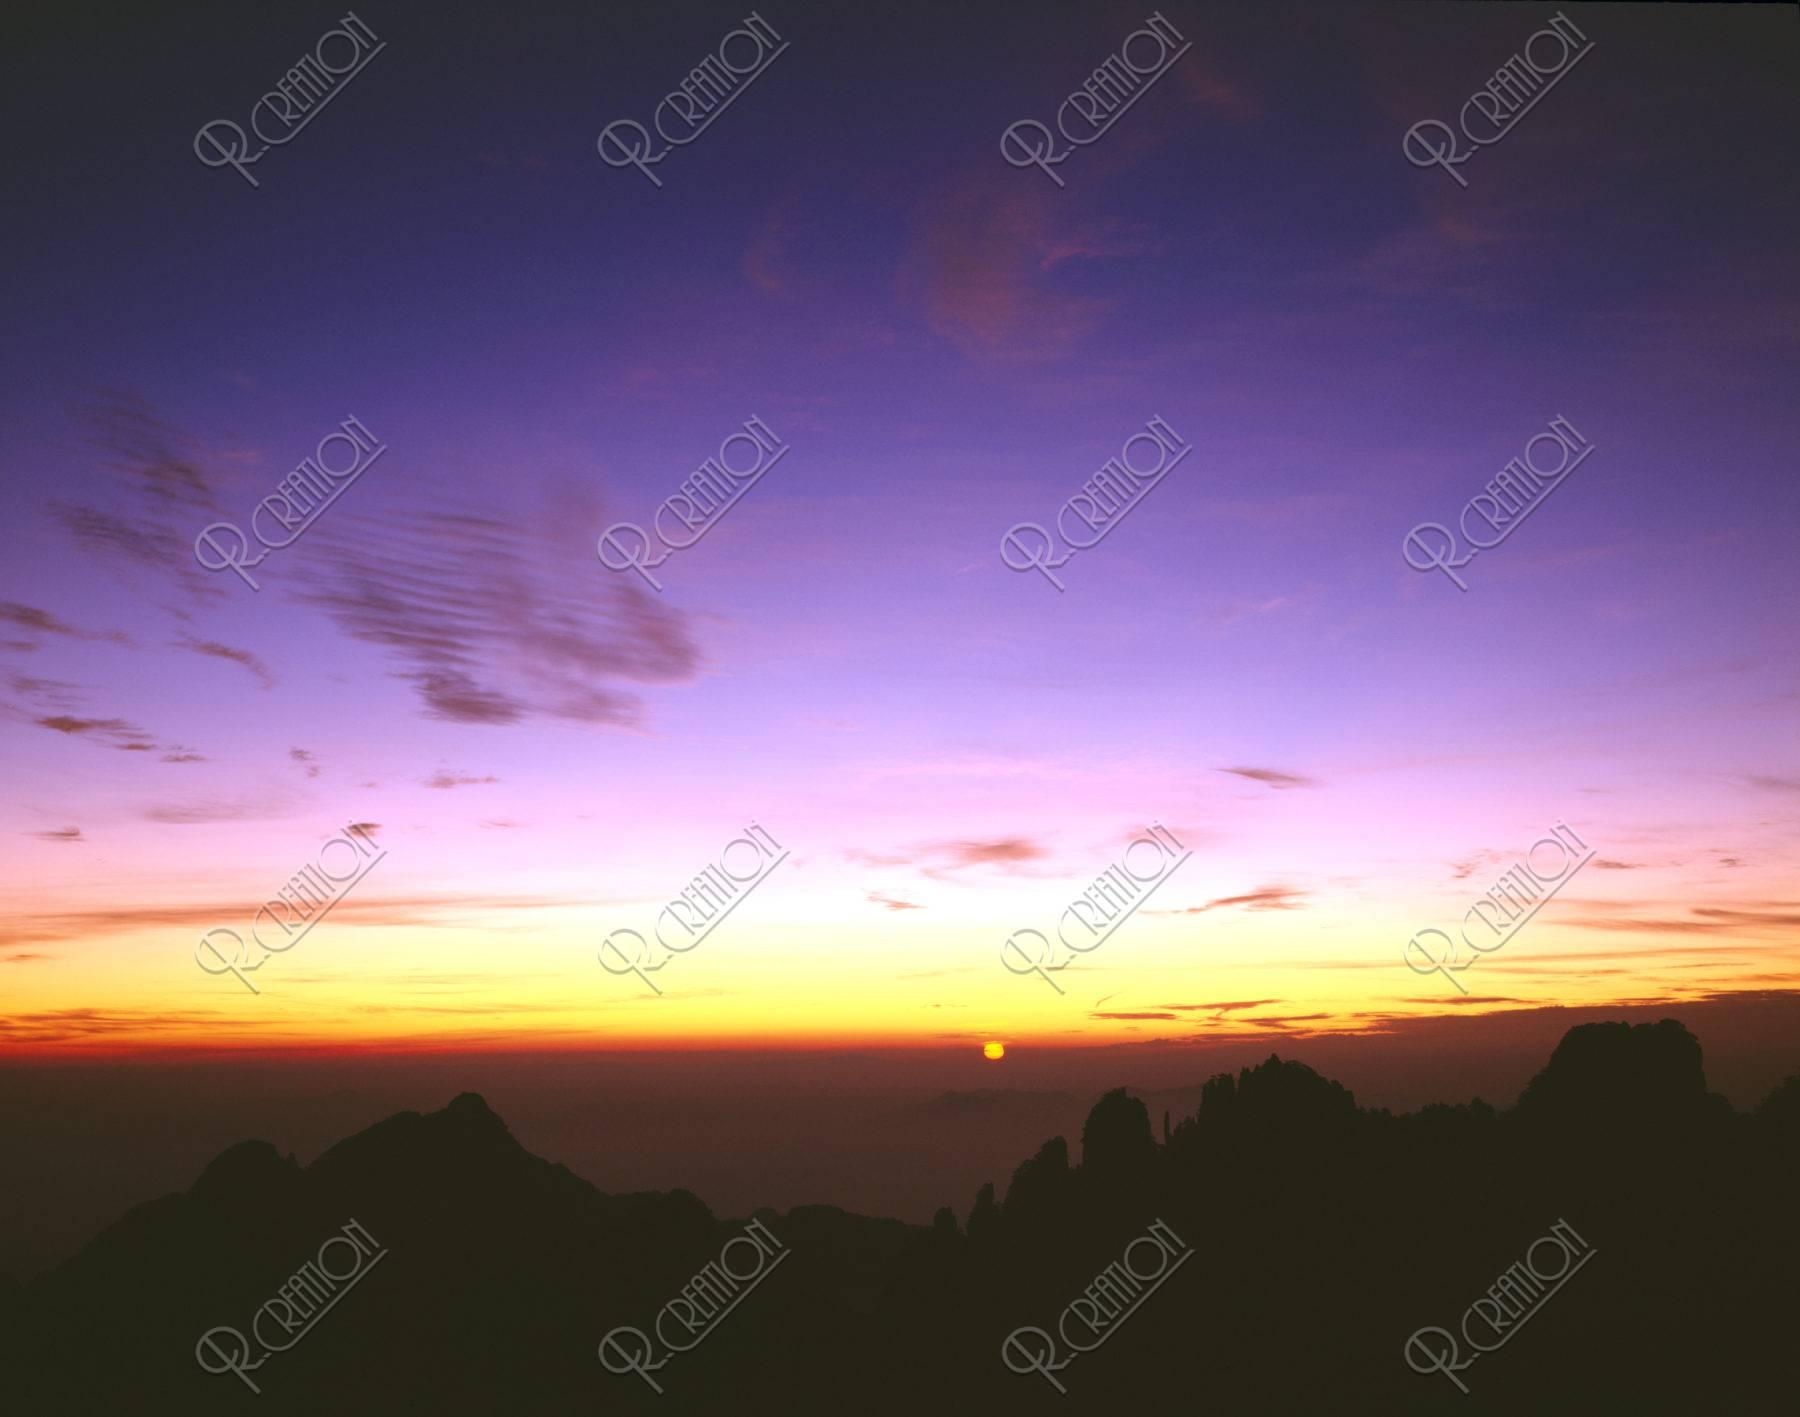 黄山 朝日 清涼台 世界遺産